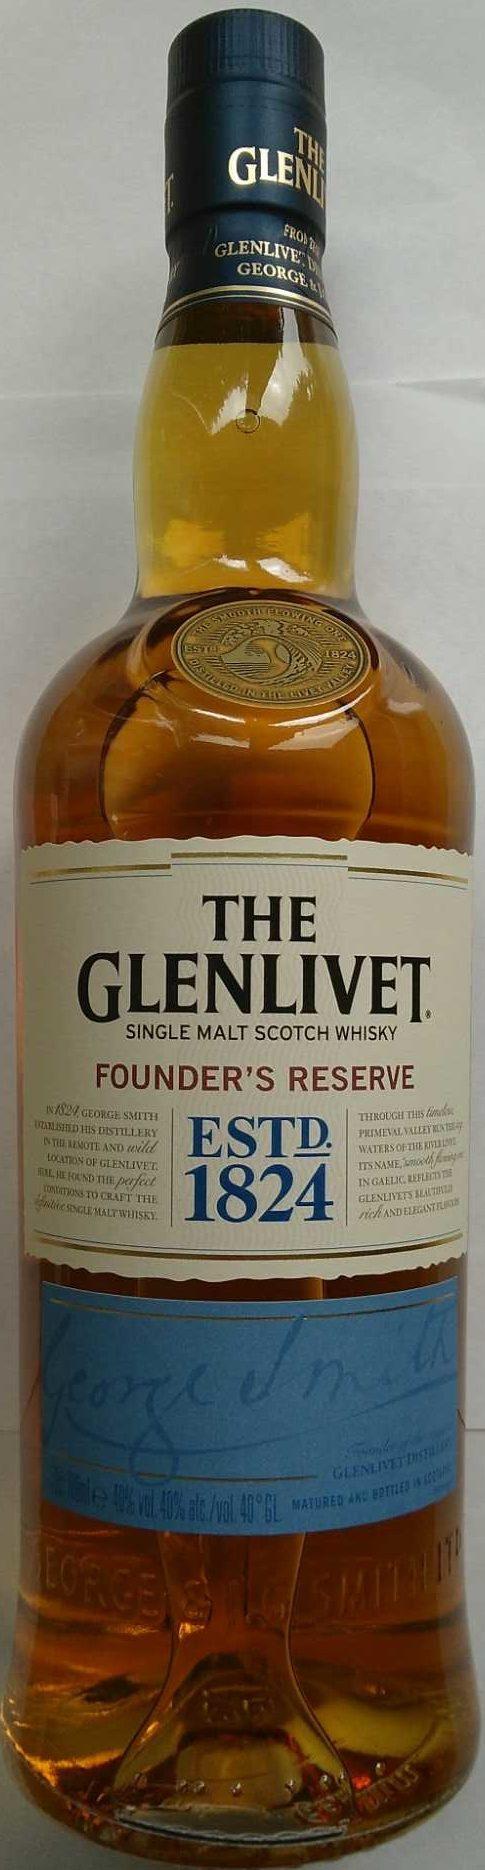 Founder's Reserve - Produkt